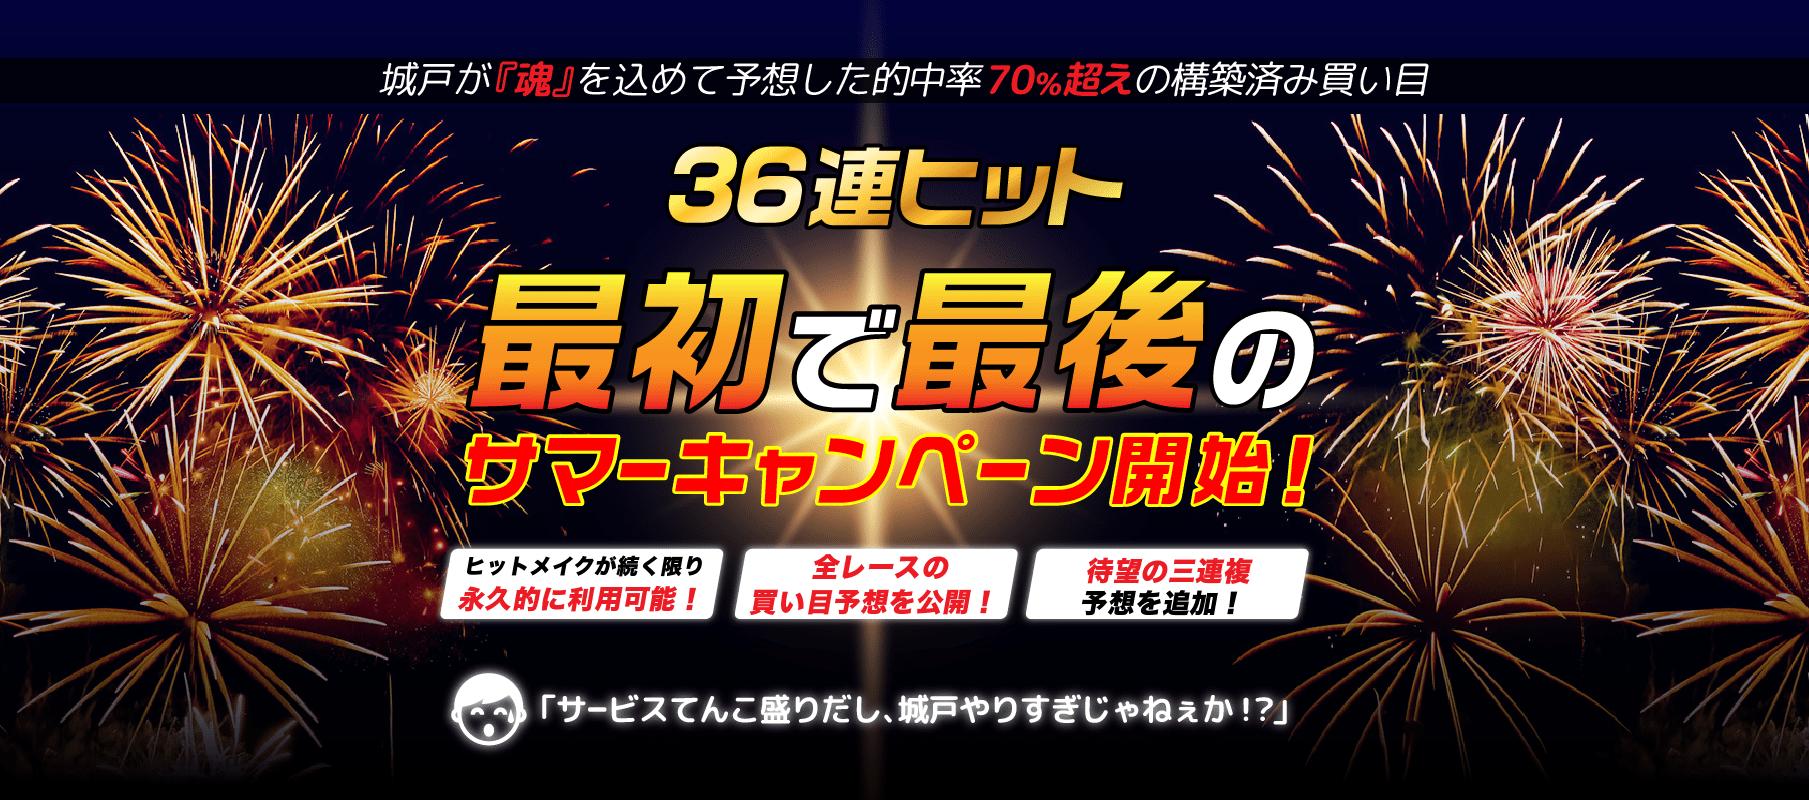 ヒットメイク】買い目サービス「36連ヒット」が公開されました